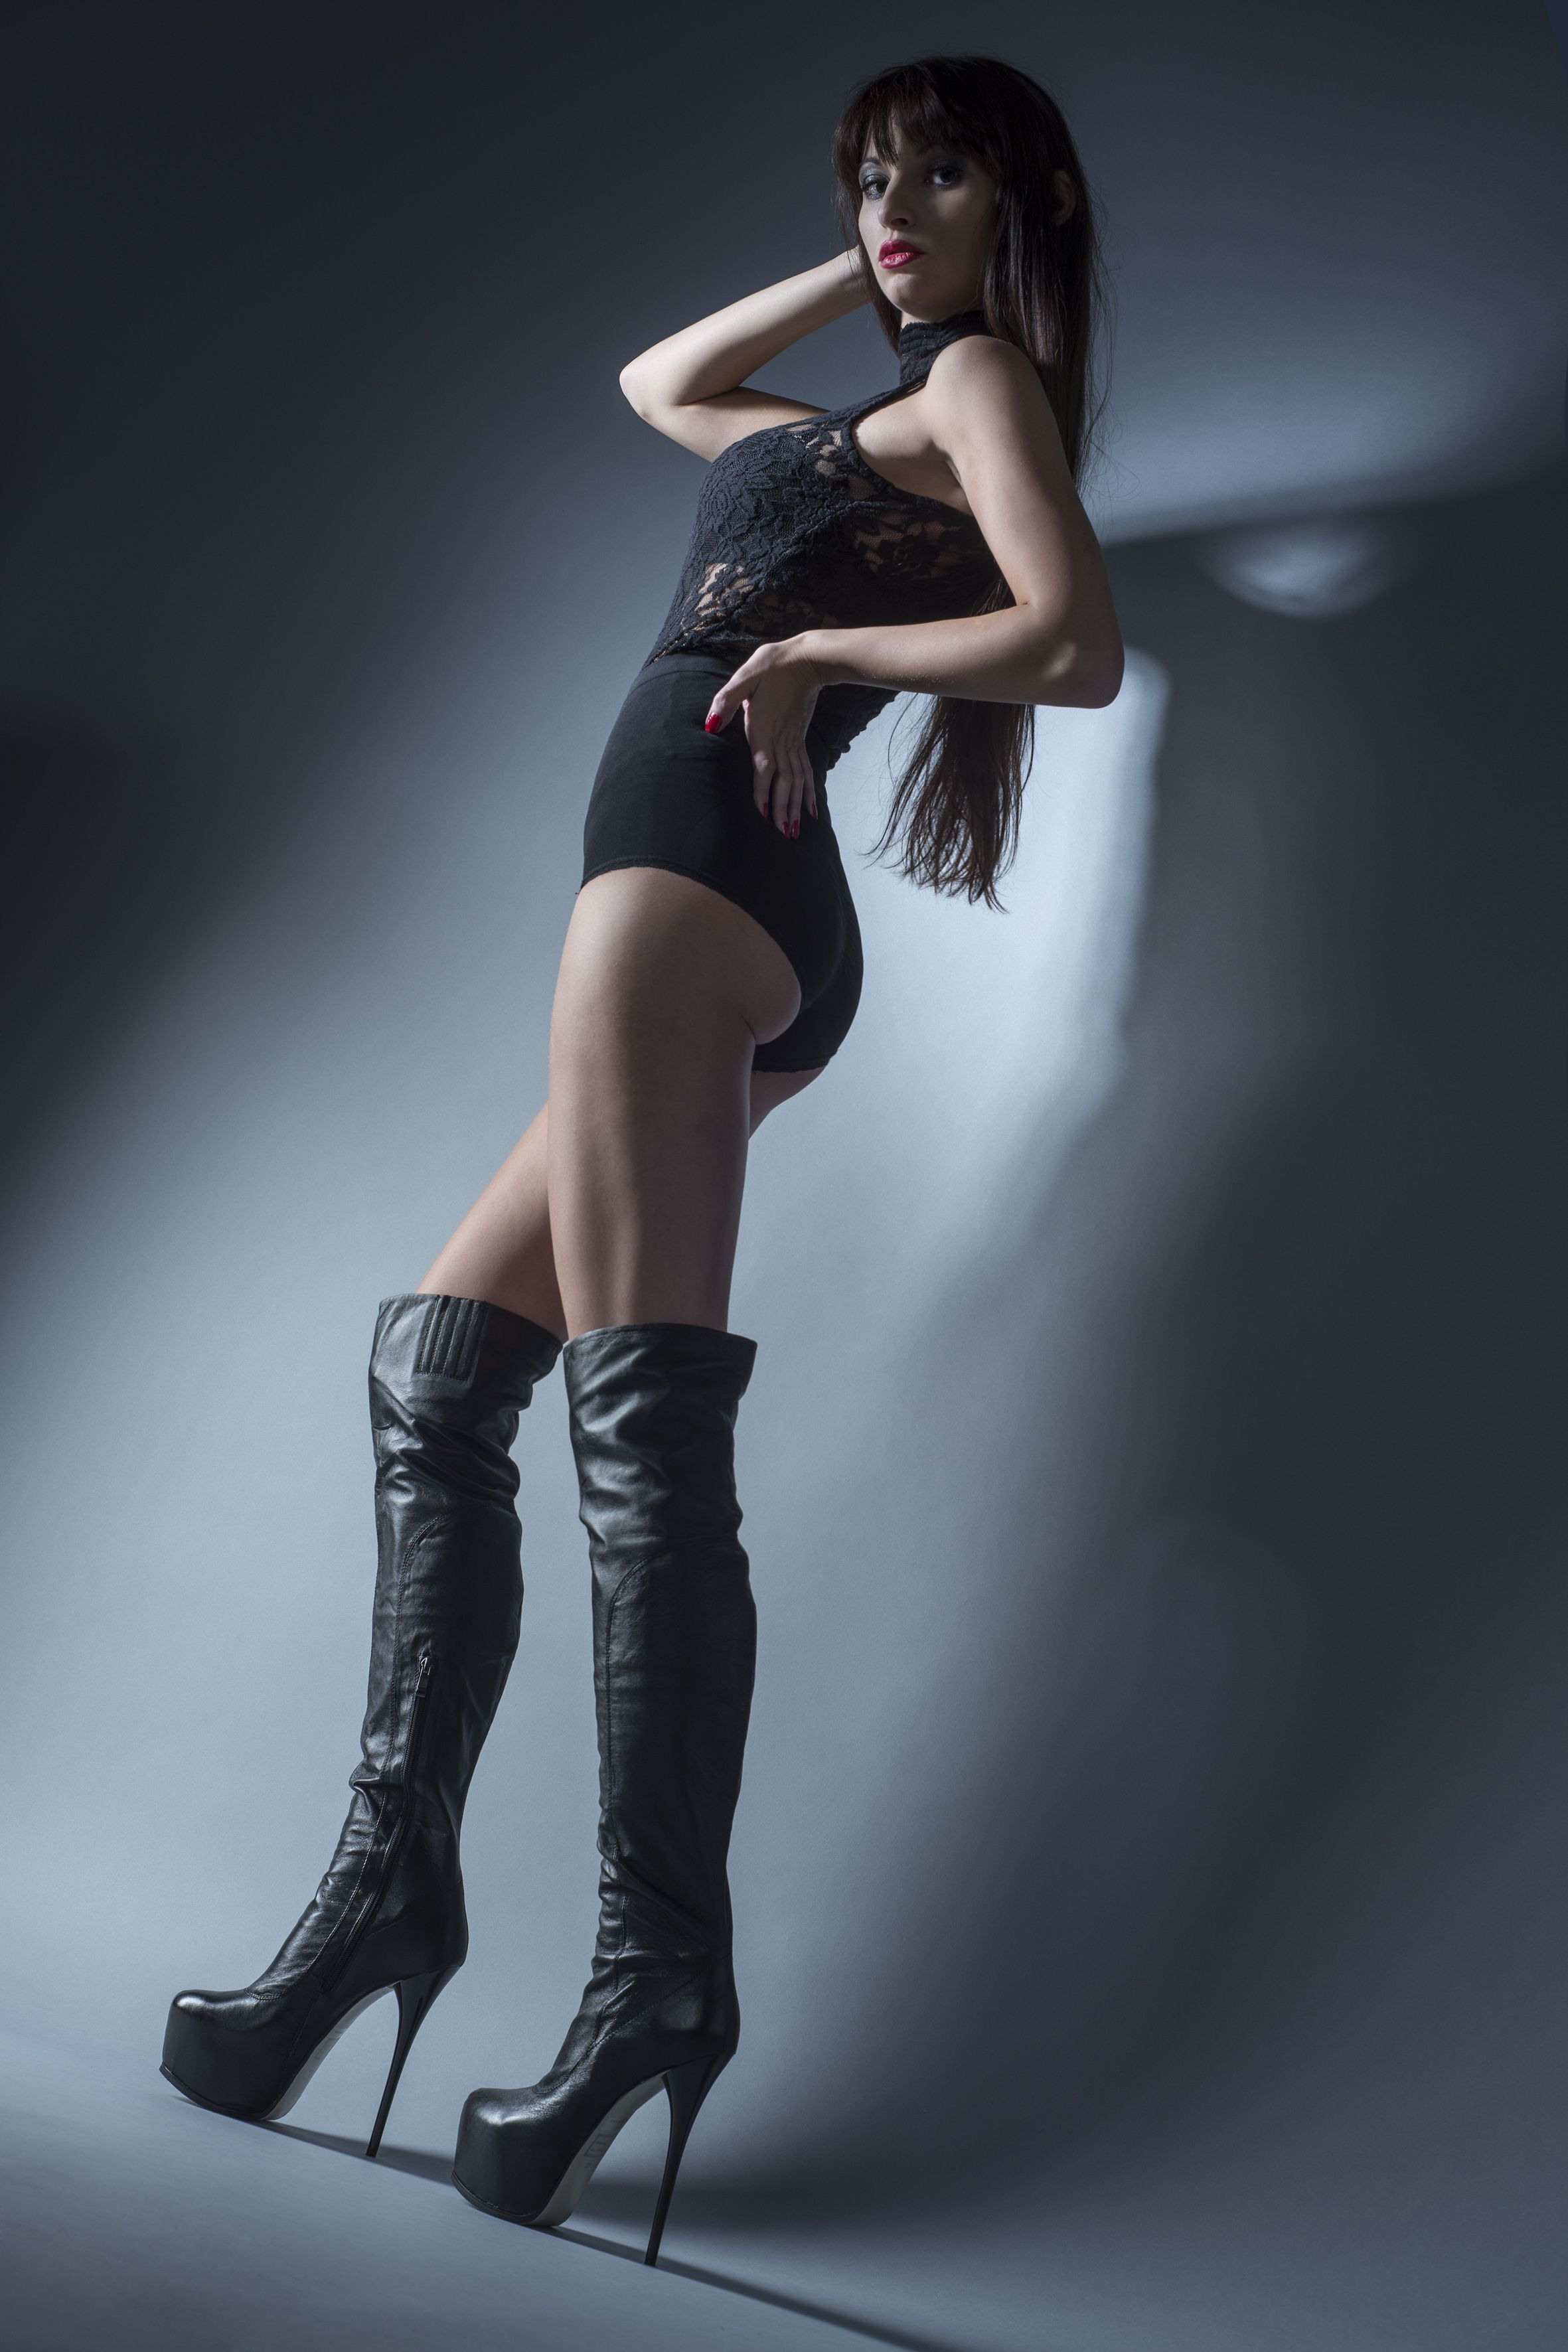 Arollo Leather Heeled Boots E8a8fa723df2987d347f287471e1dbc8